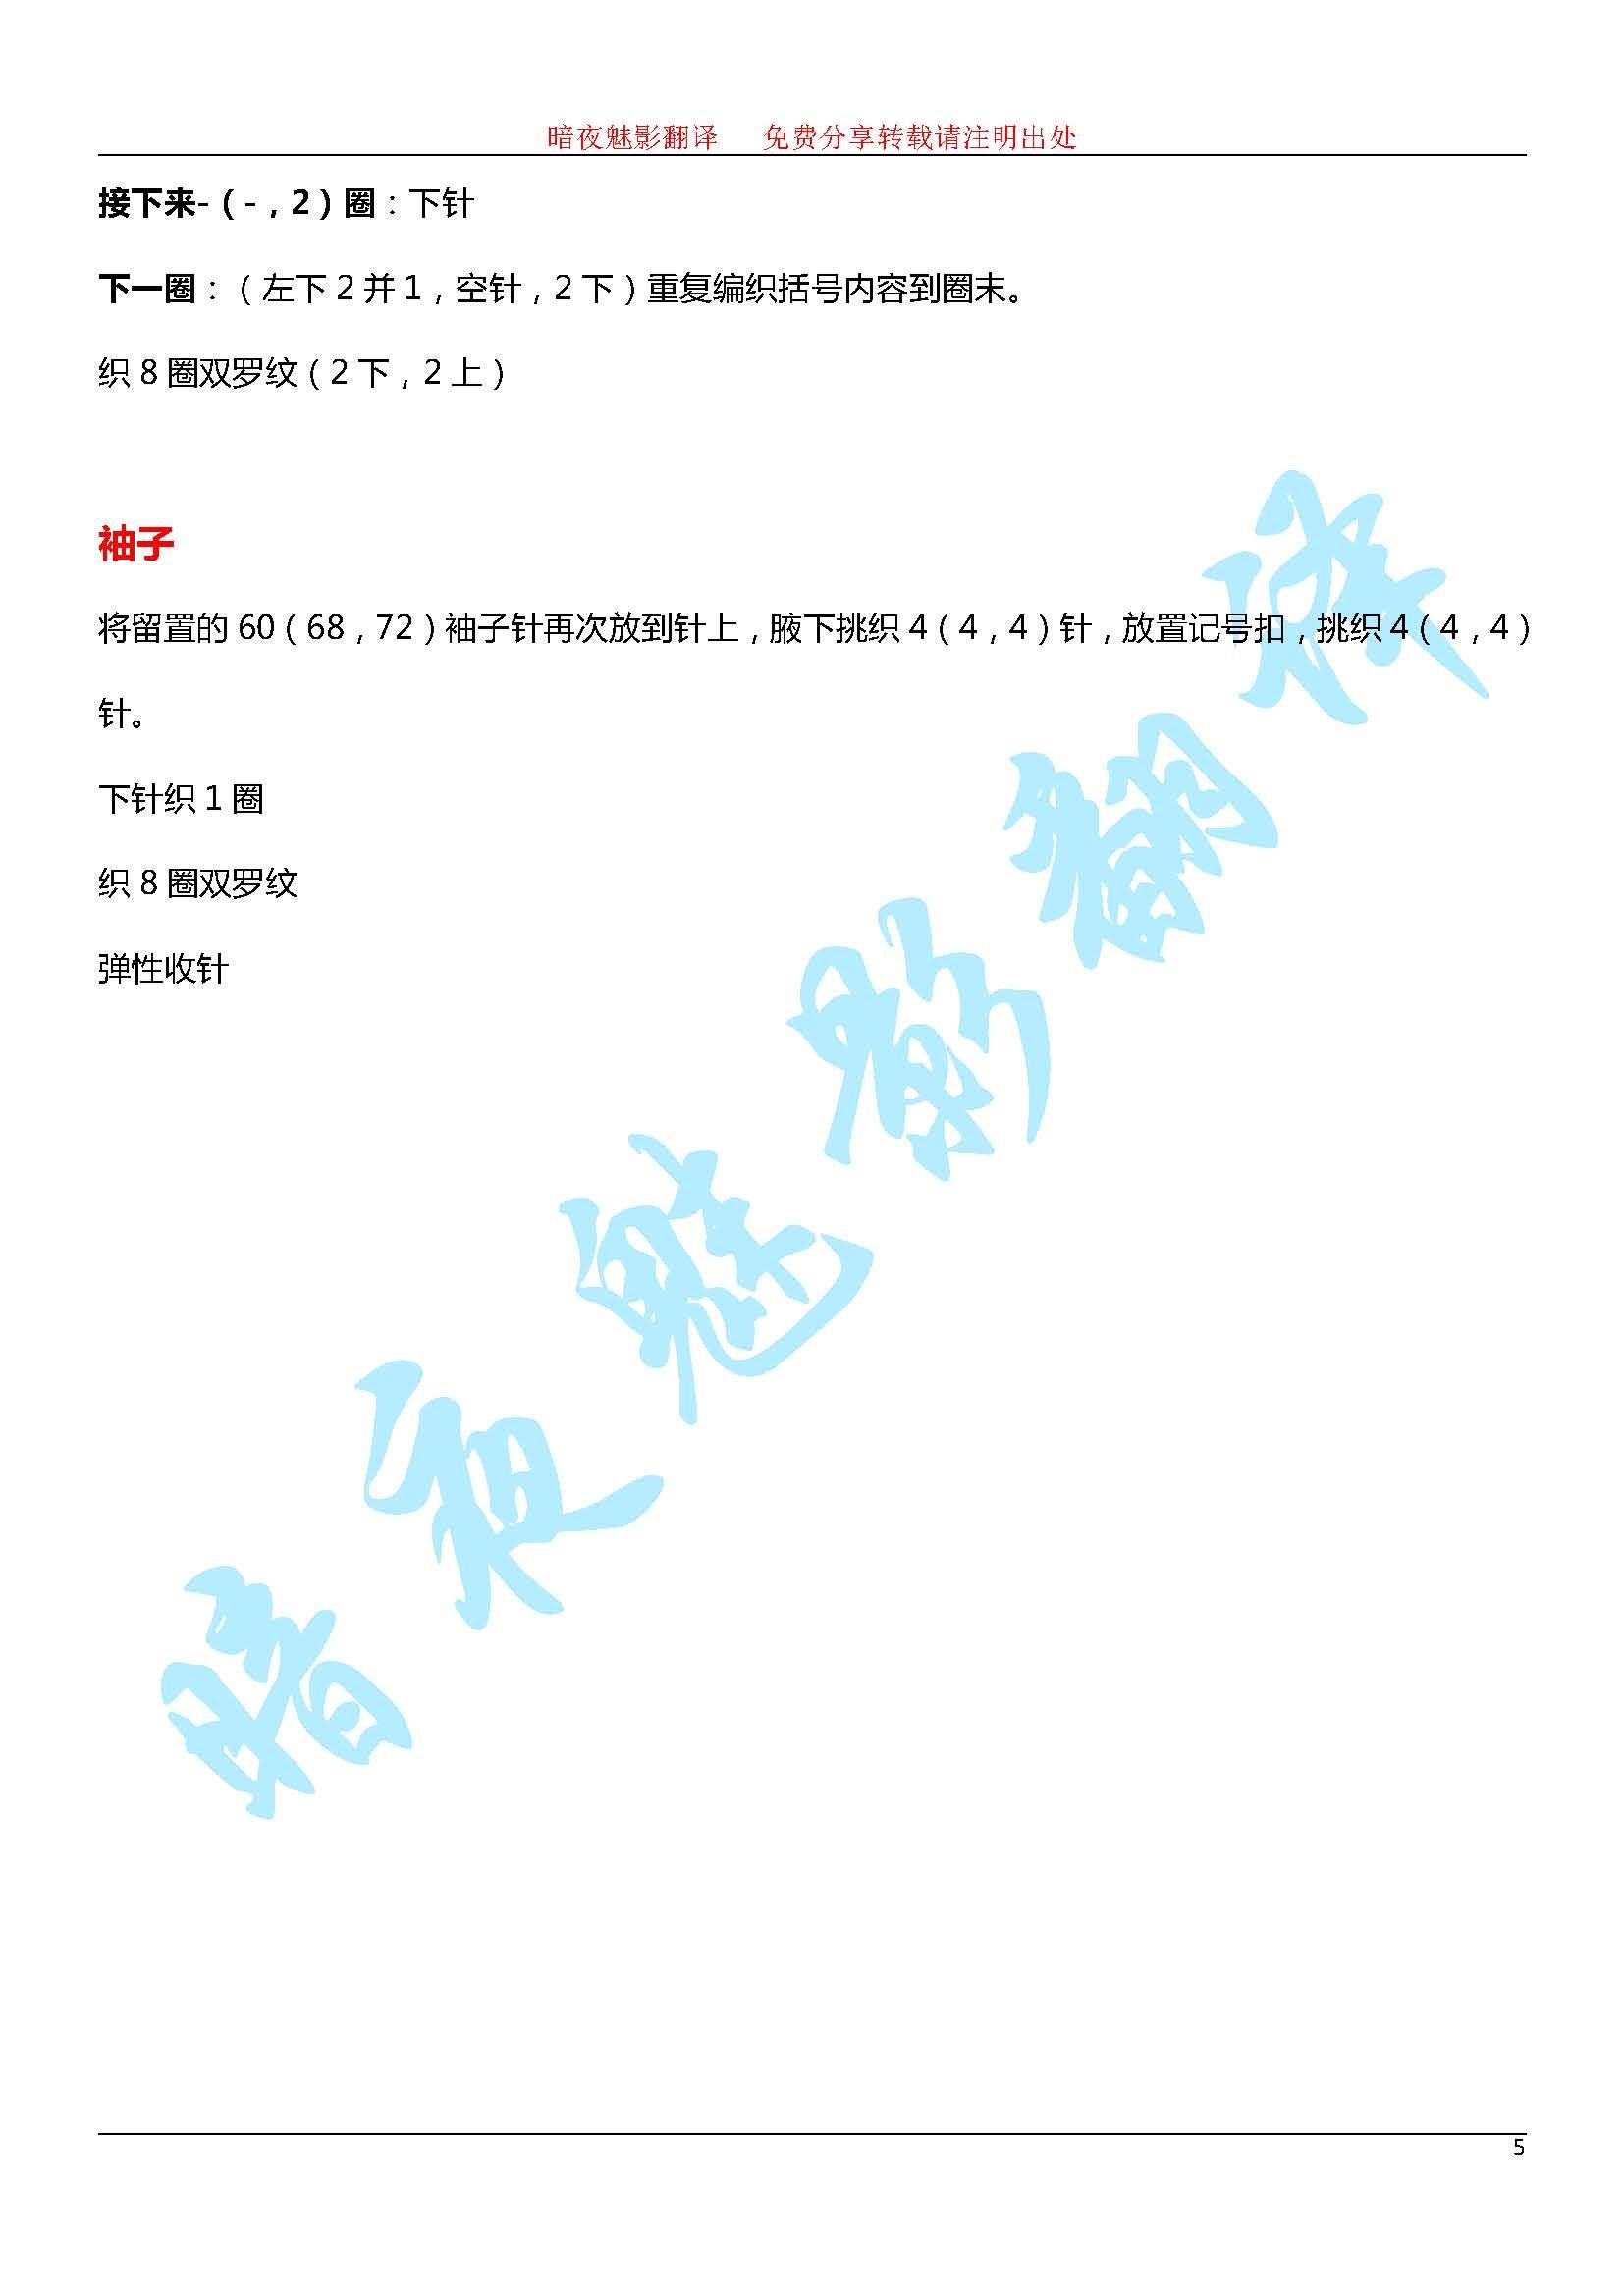 琳薇短袖图解_页面_5.jpg